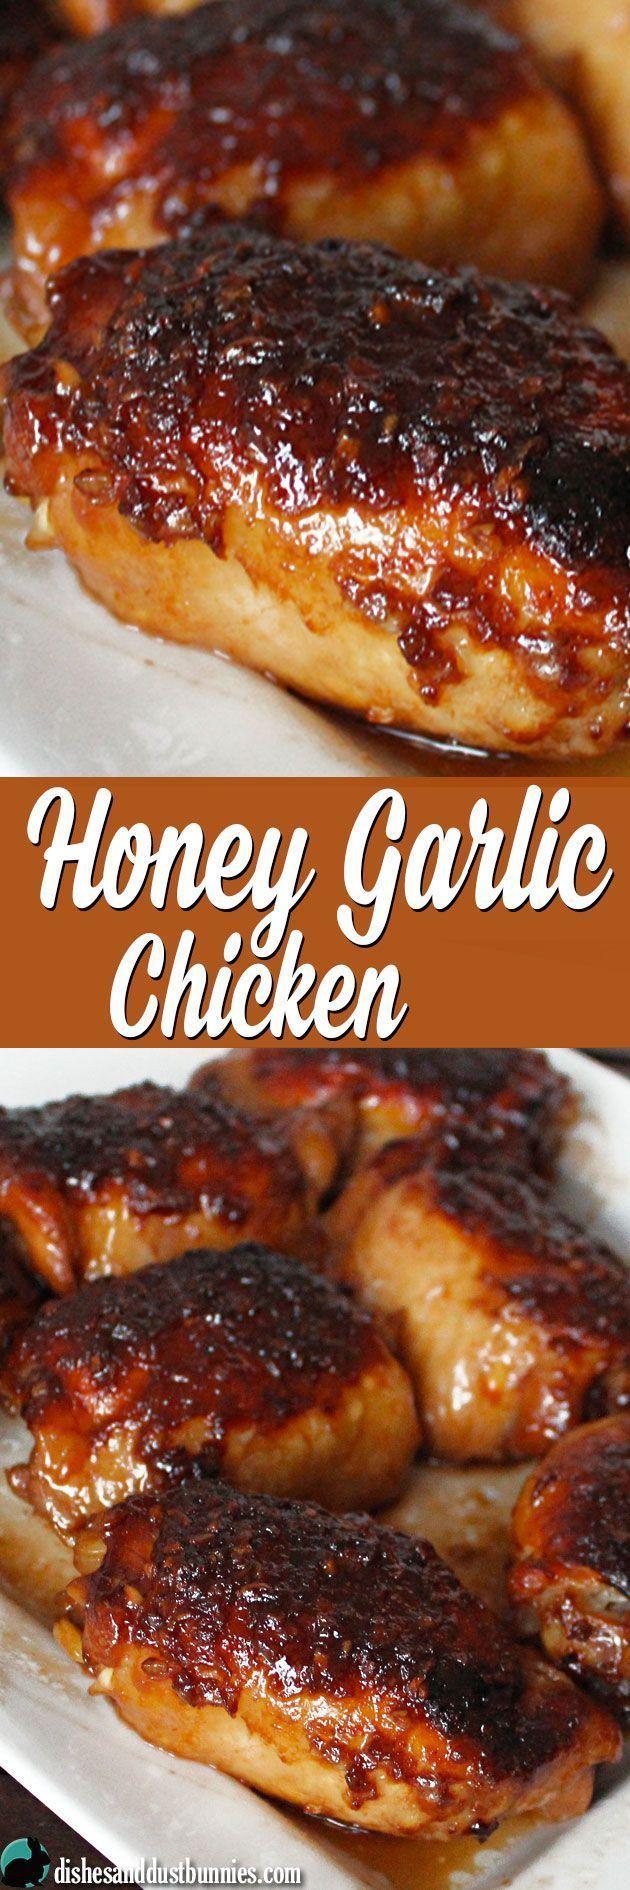 Honey Garlic Chicken (plus some really tasty sauce!) from dishesanddustbunnies.com (Chicken Thighs)